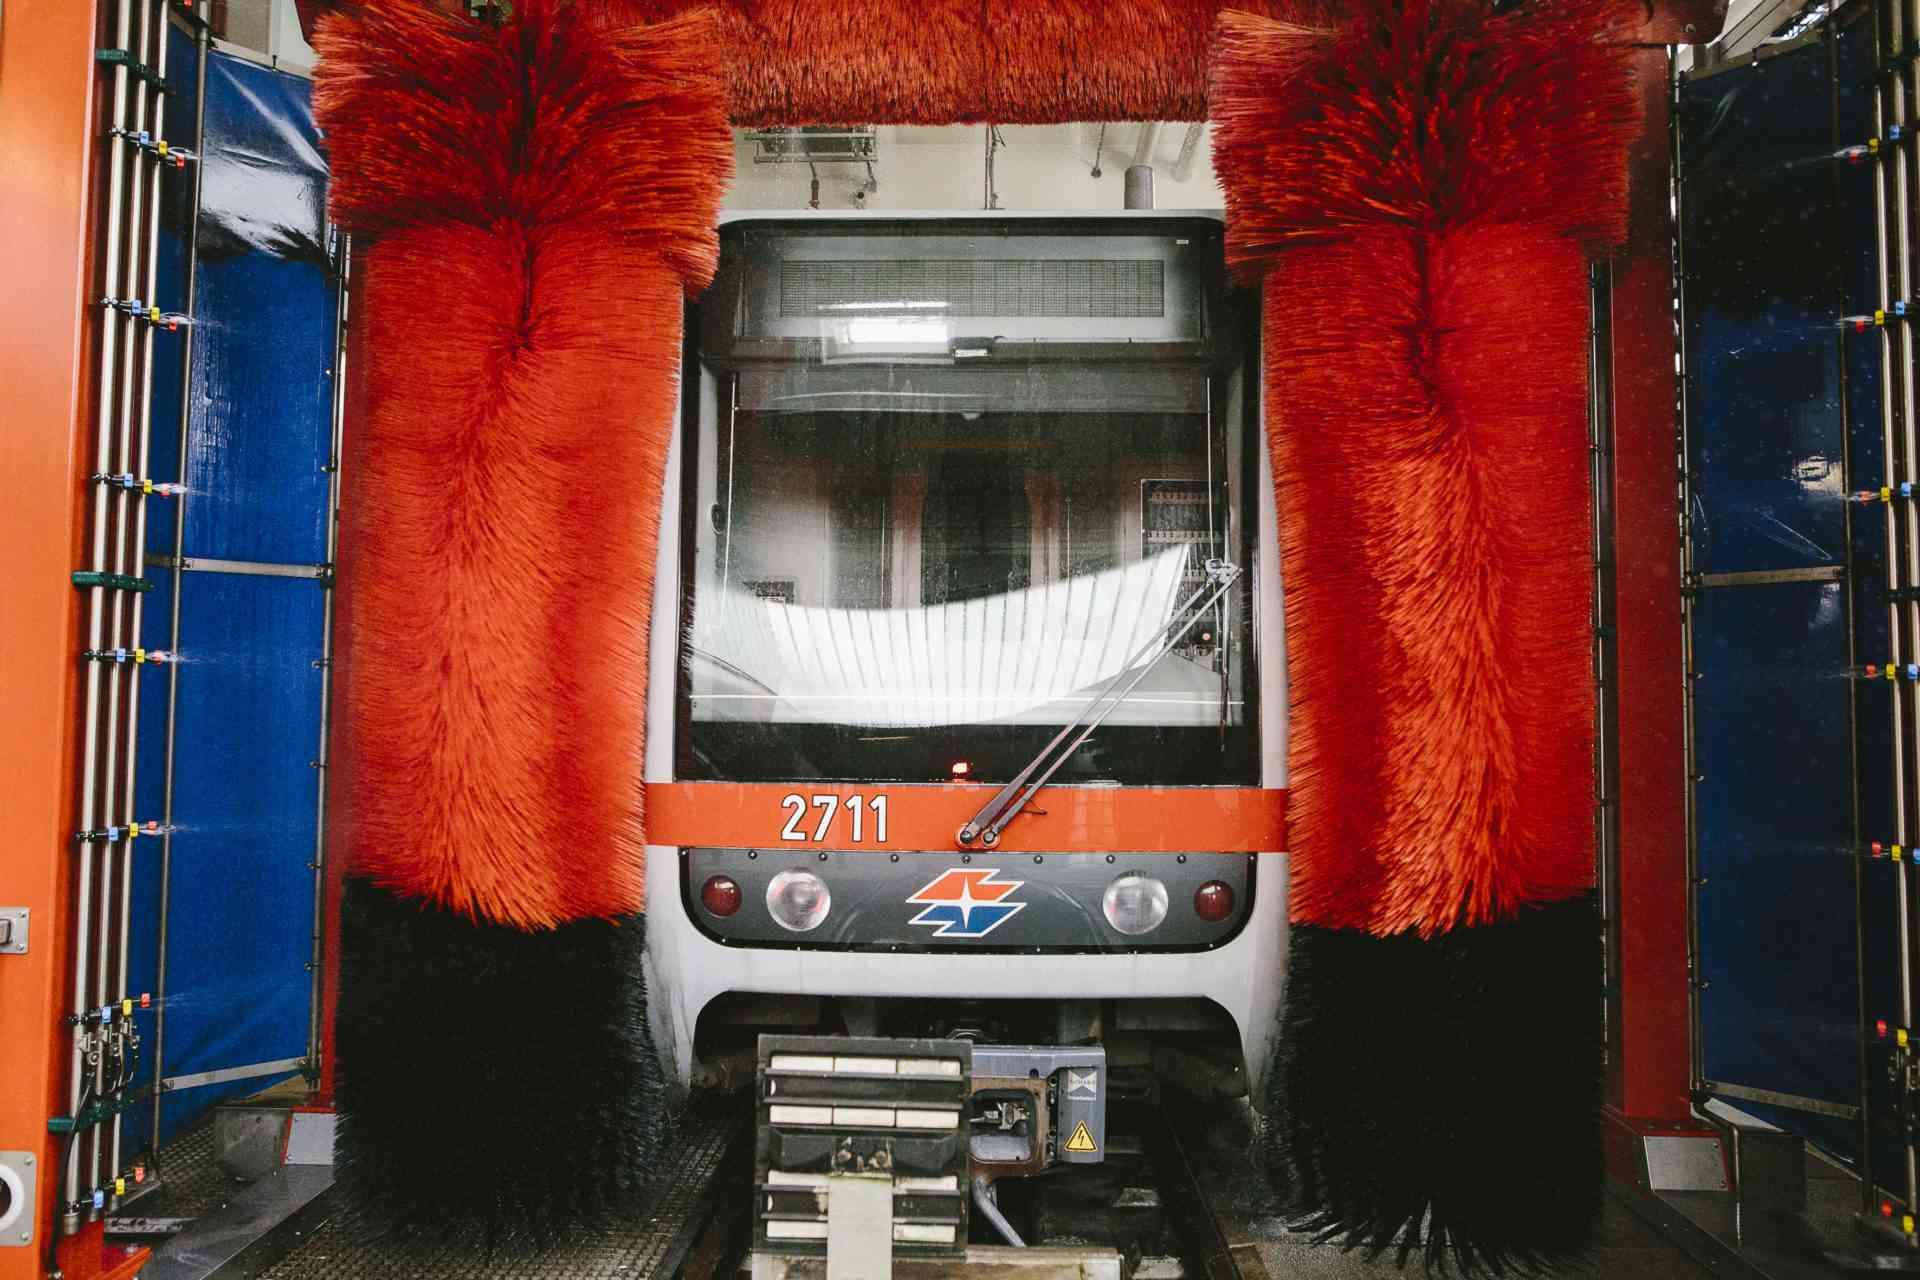 U6 Zug in der Waschstraße